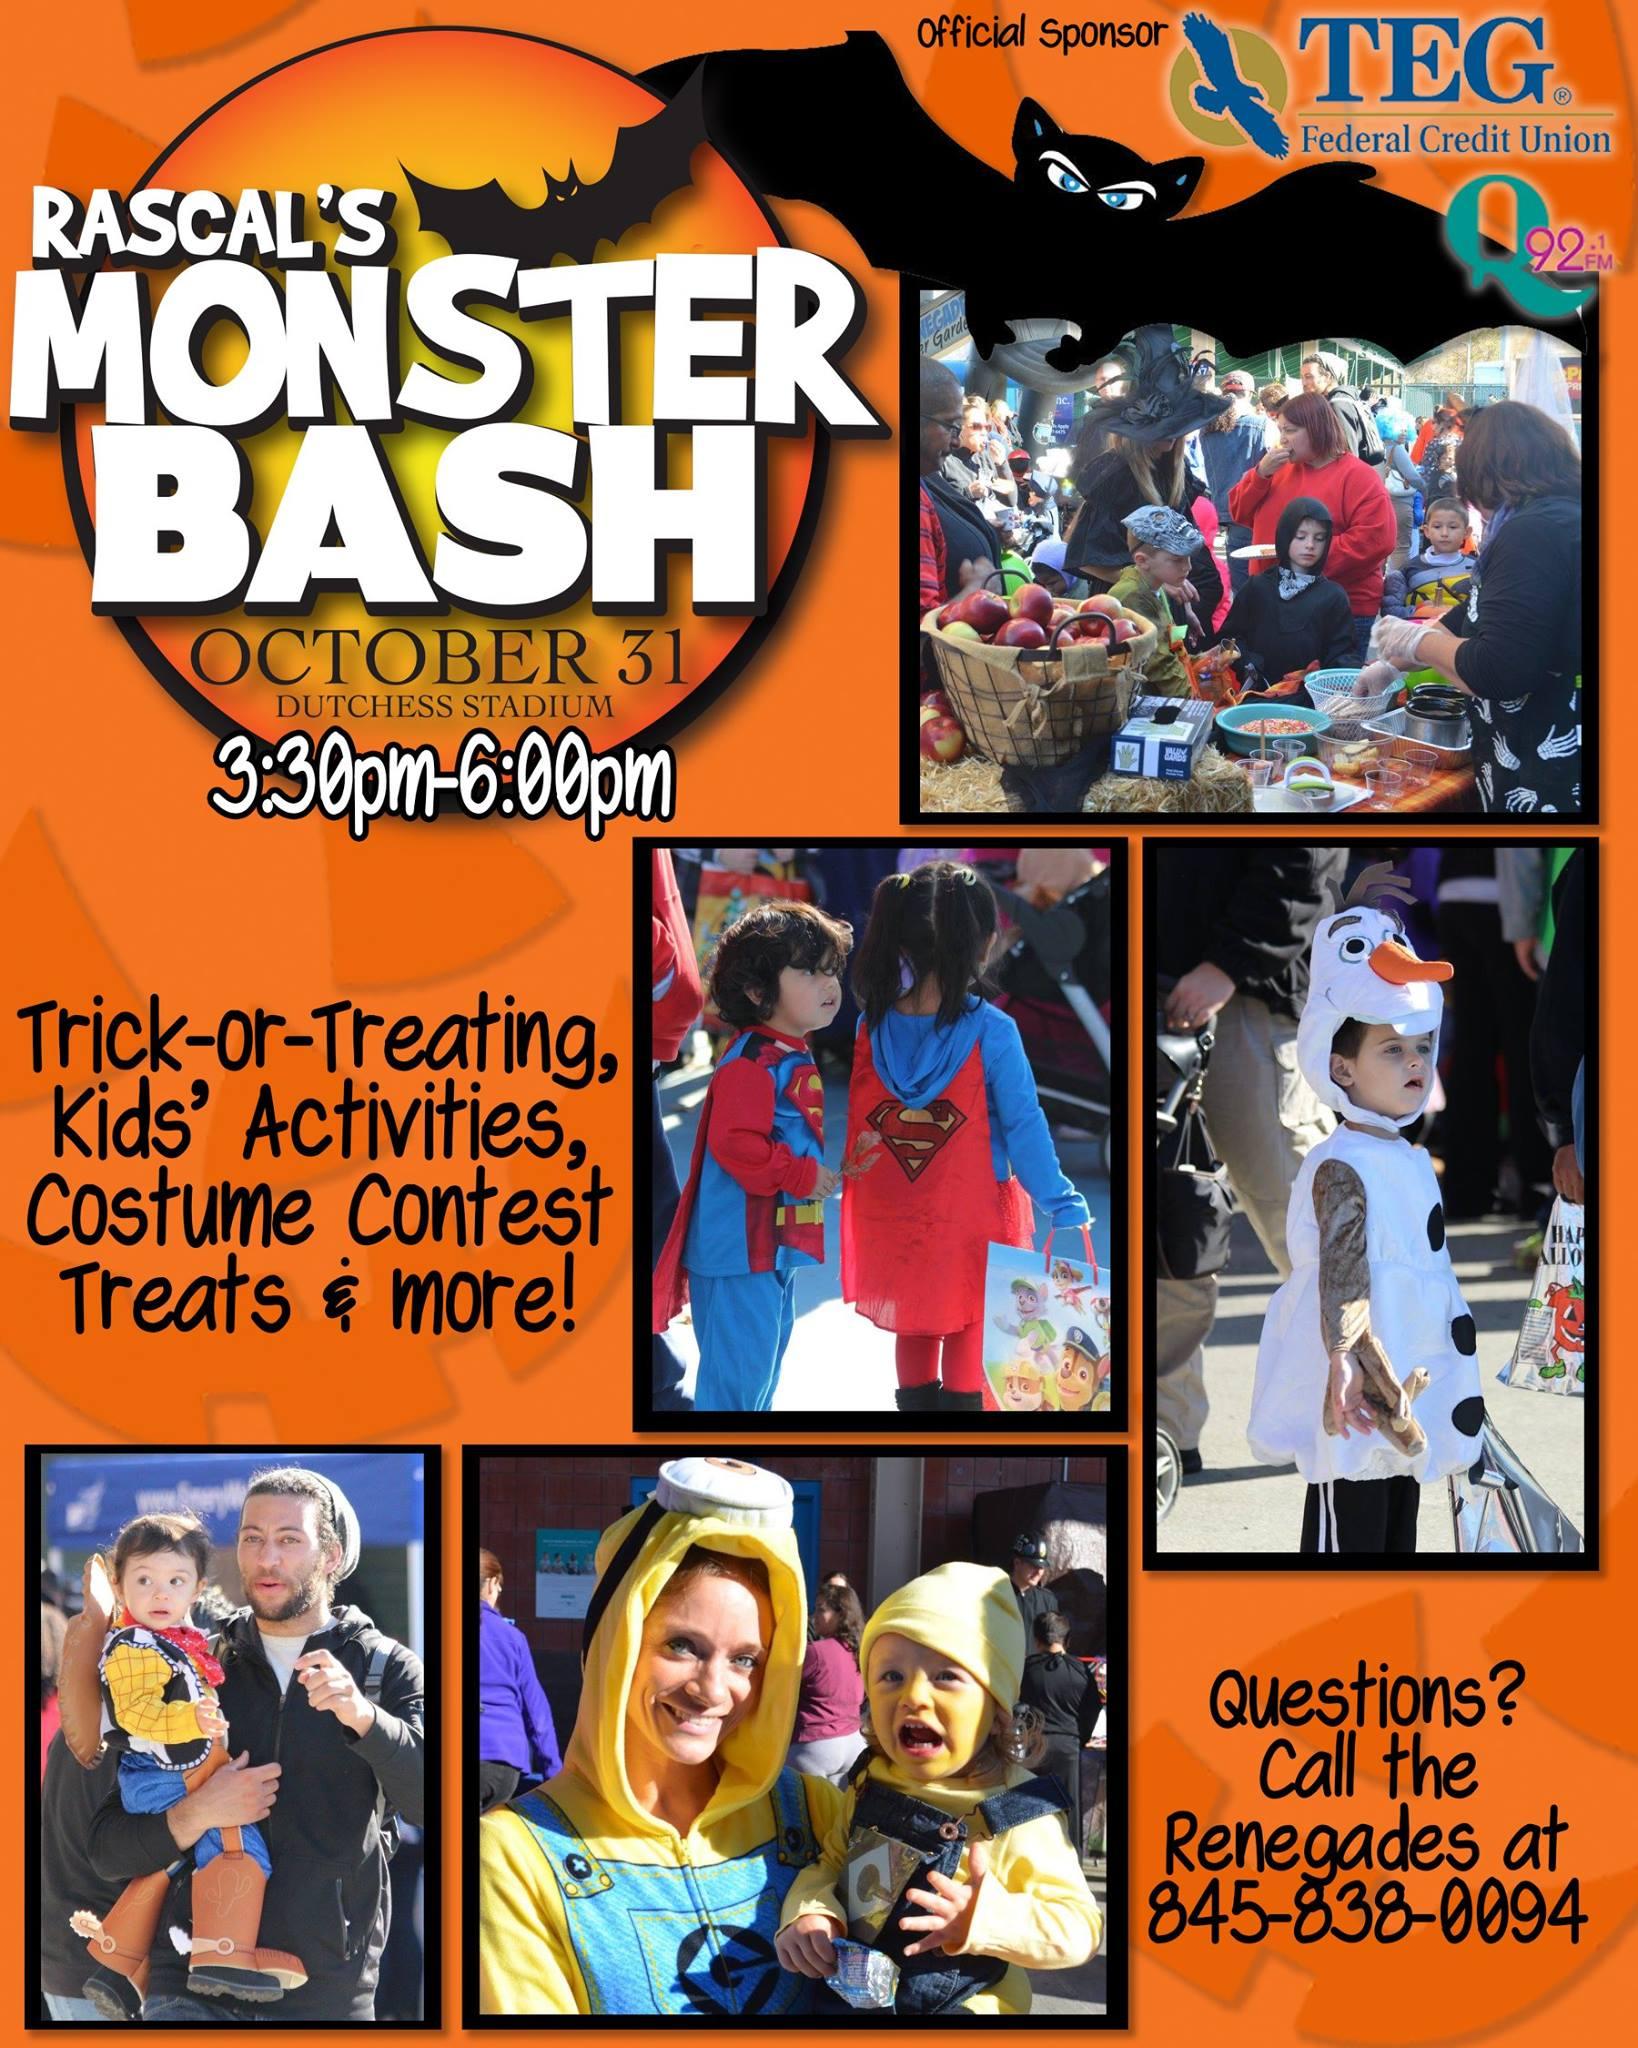 Rascal's Monster Bash on October 31, 2016 at Dutchess Stadium